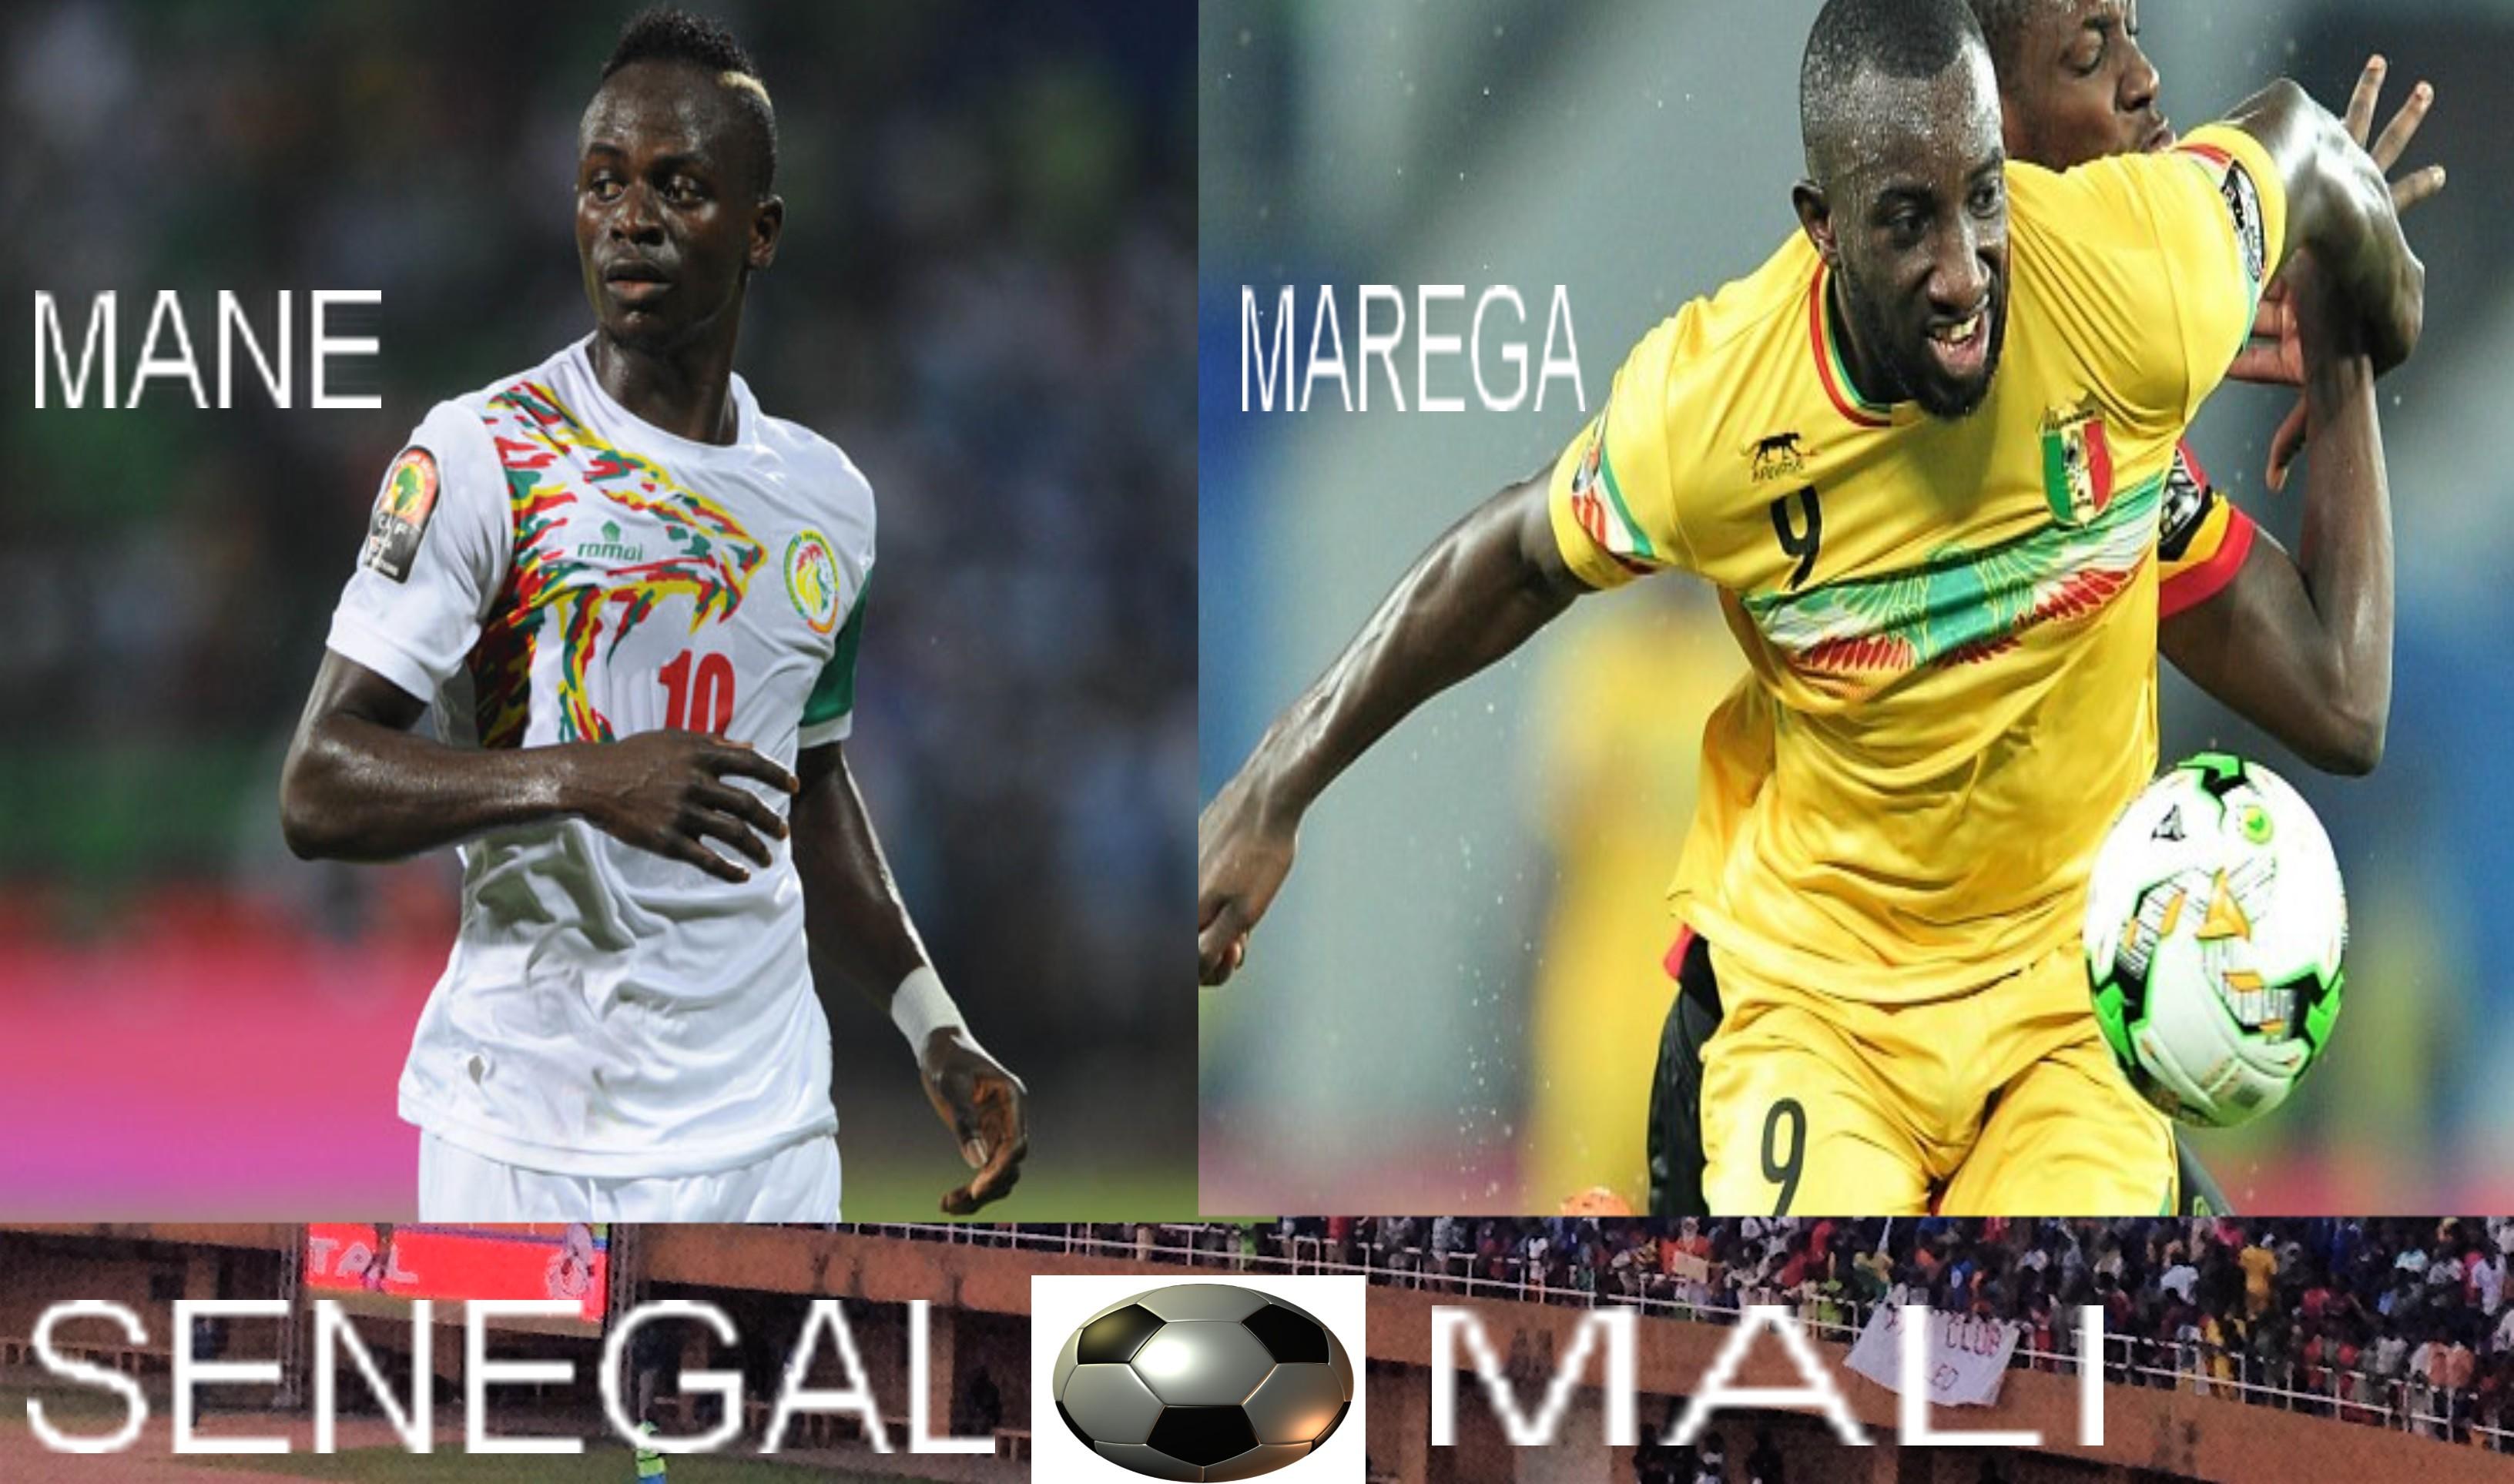 Amical-Sénégal vs Mali : l'heure du coup d'envoi avancée